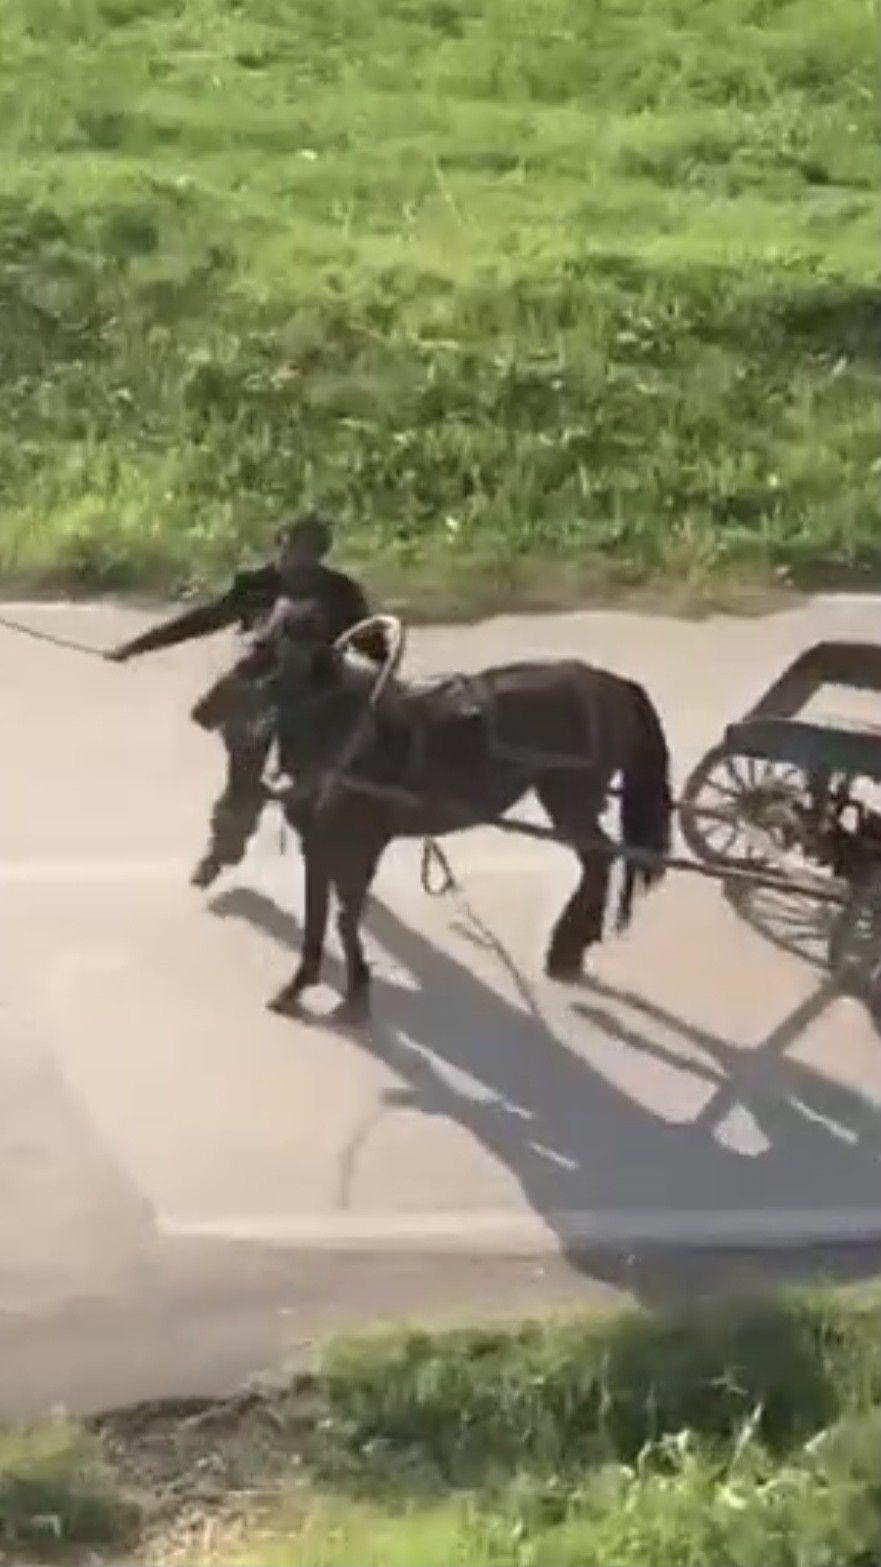 İnsafsız adam yükü çekmeyen atı böyle kırbaçladı! video izle - Sayfa 3